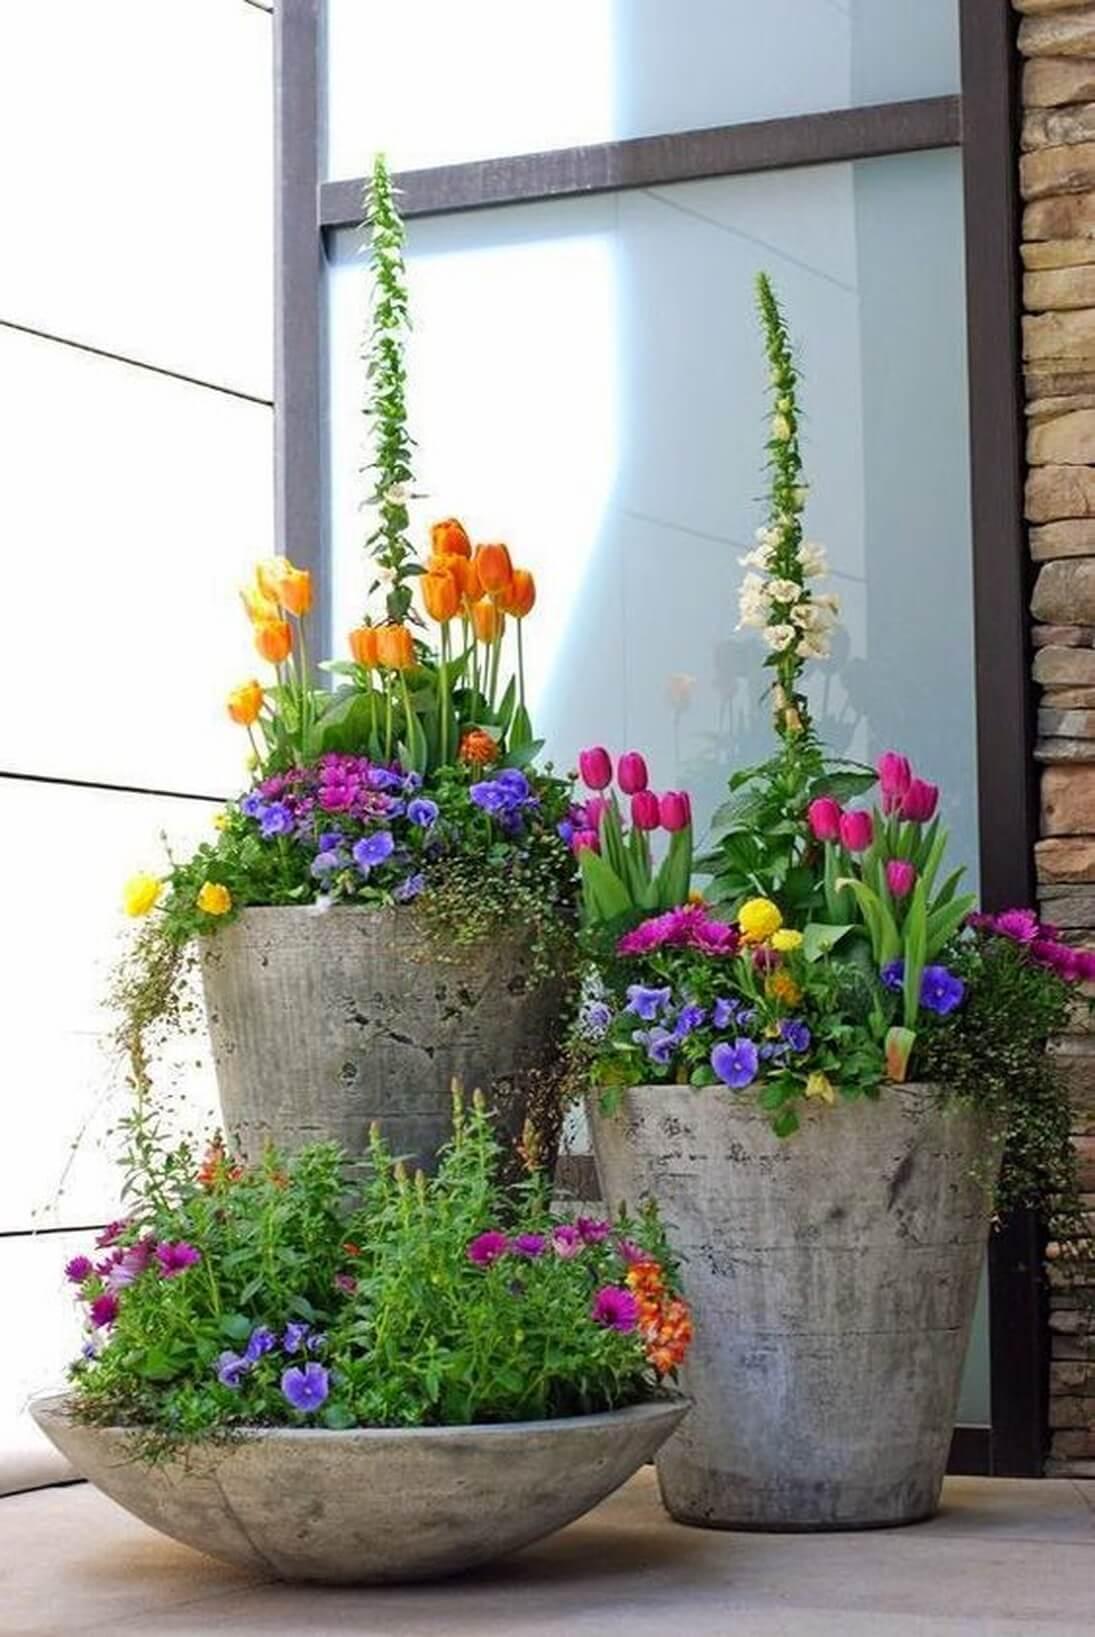 กระถางดอกไม้-12